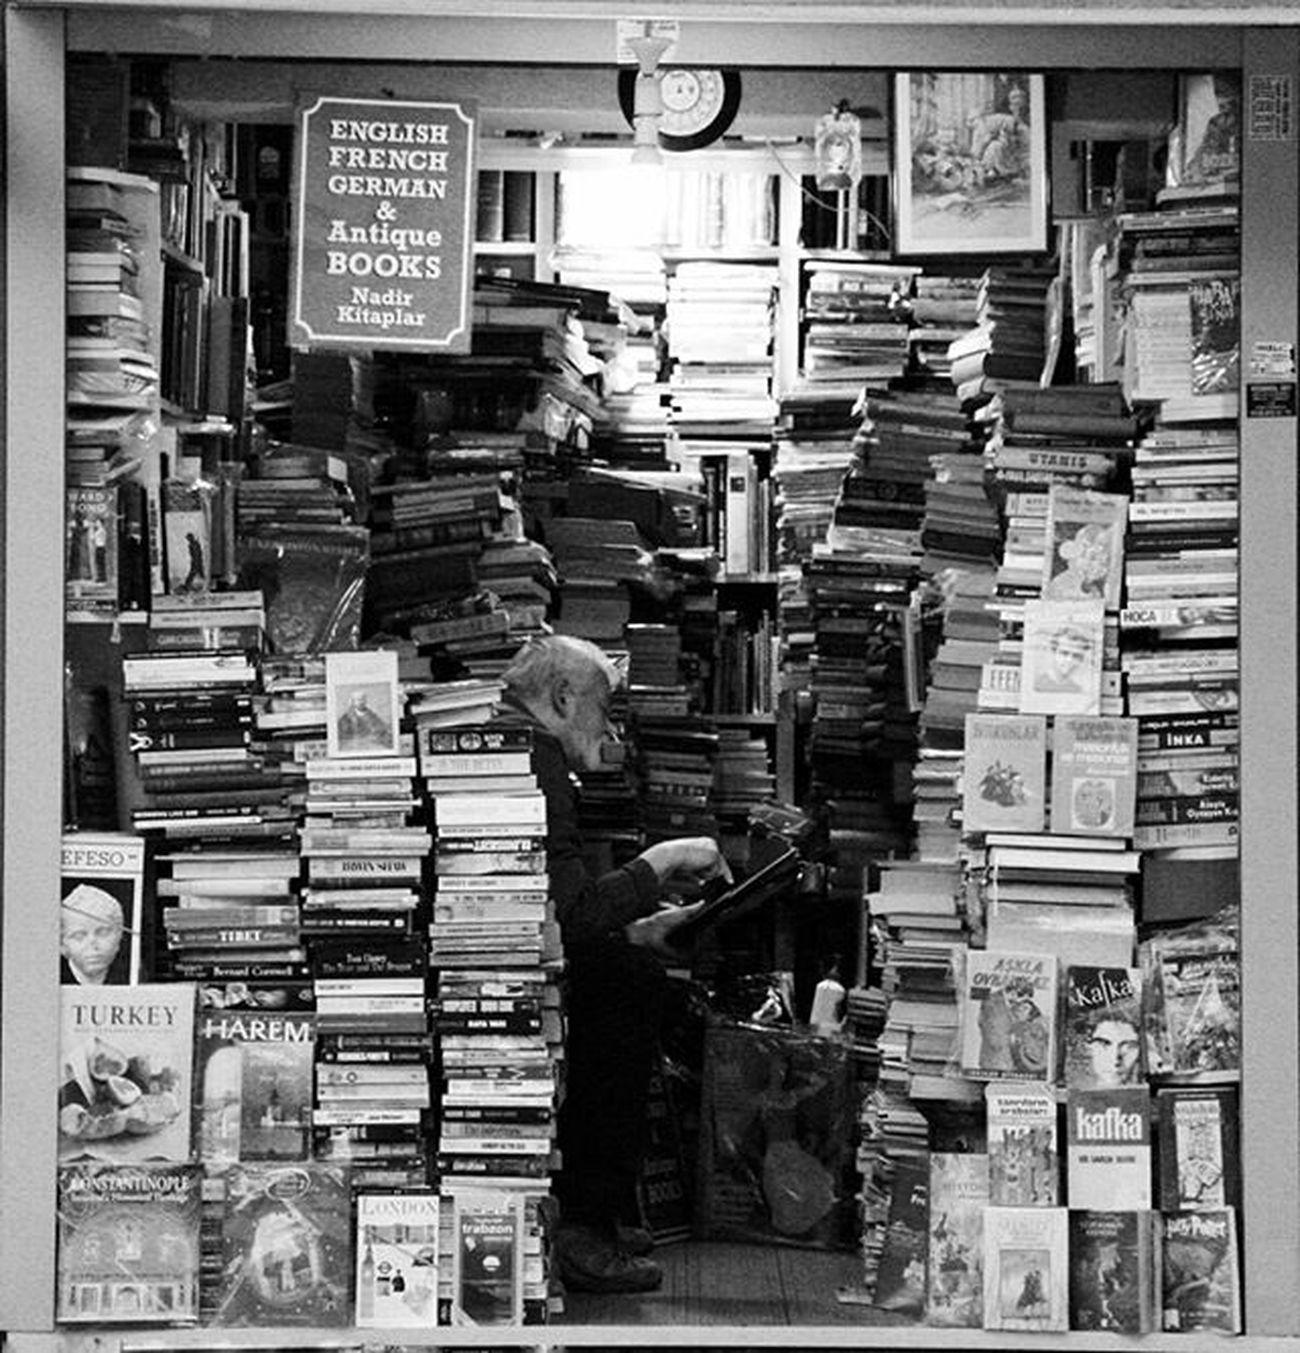 okumak şart 🤓📚 Objektifimden Photografer Zamanıdurdur Kadrajturkiye Vscodaily Bendenbirkare Vscoturkey Benimgözümden Sizinkareleriniz Fotografvakti Gununkaresi Fotografdukkanim Hayatakarken Objektifimdenyansiyanlar Bugununkaresi Instapic Instagood Aniyakala Benimkadrajim Canonphoto Canon Canon_photos Fotograf Haveaniceday Ig_eurasia guzelgununkaresi fotografheryerde vsco photooftheday İstanbul